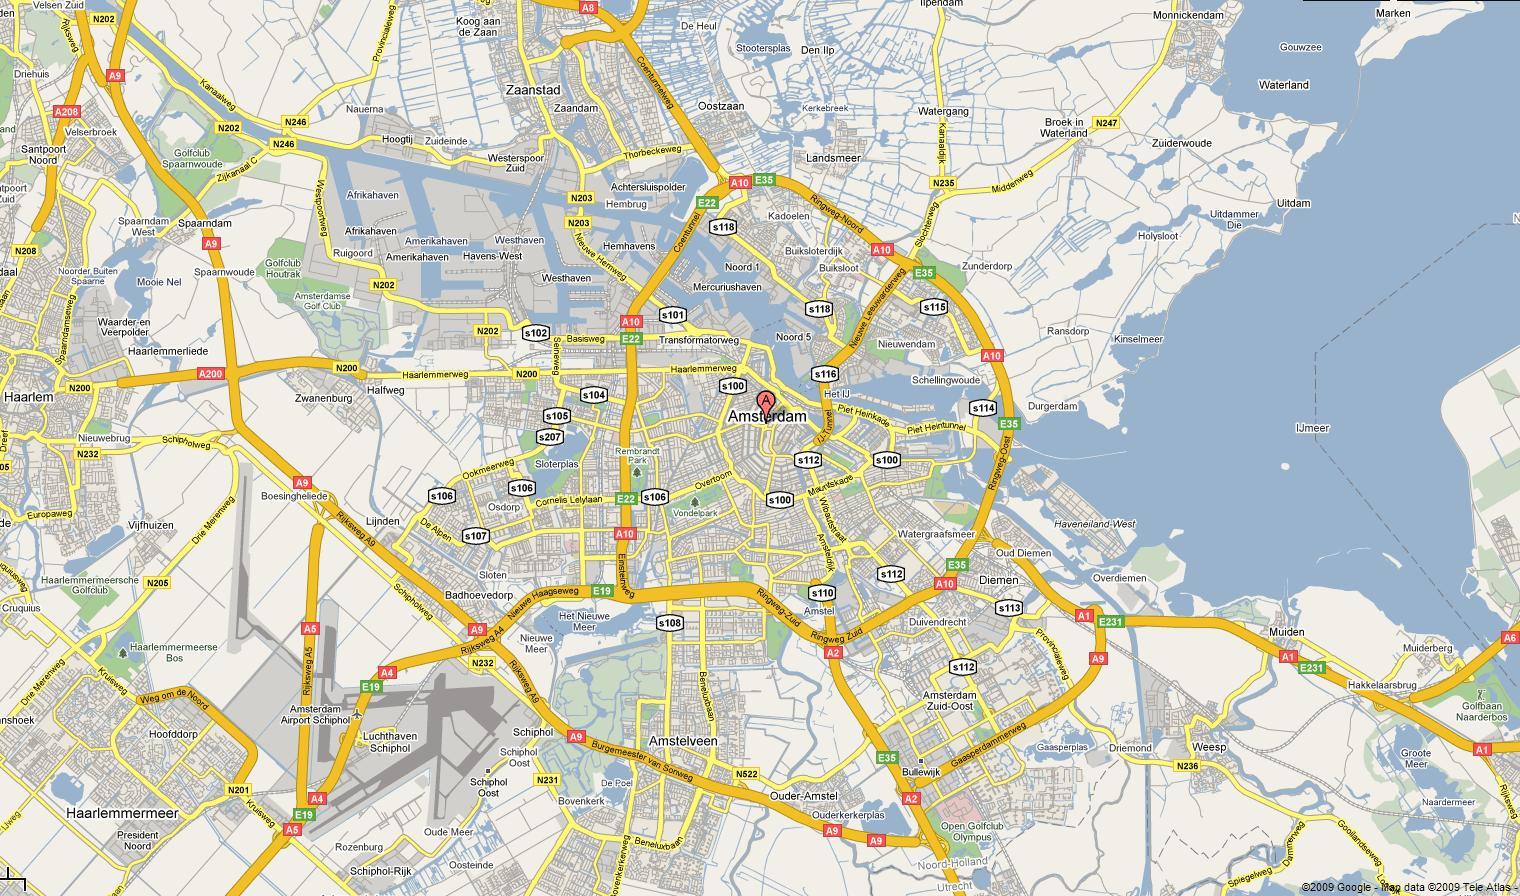 Kart Over Amsterdam Kart I Amsterdam Nederland